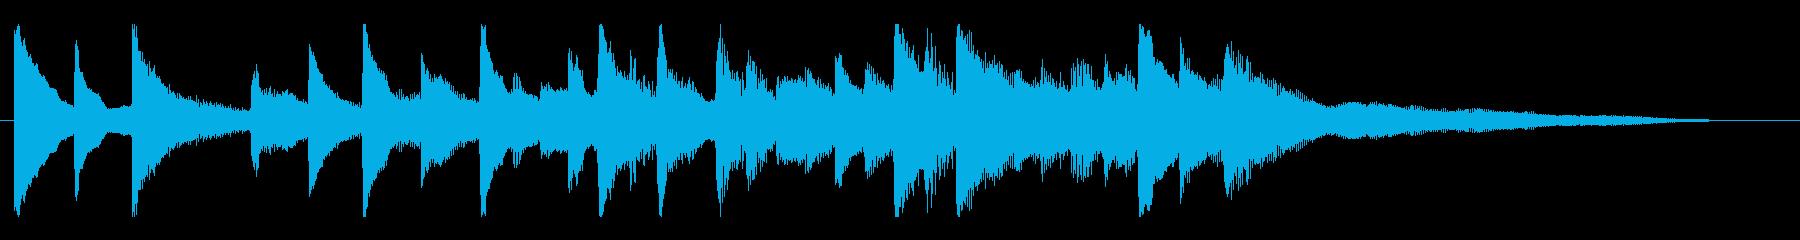 ピアノの優しく感動的なジングルの再生済みの波形